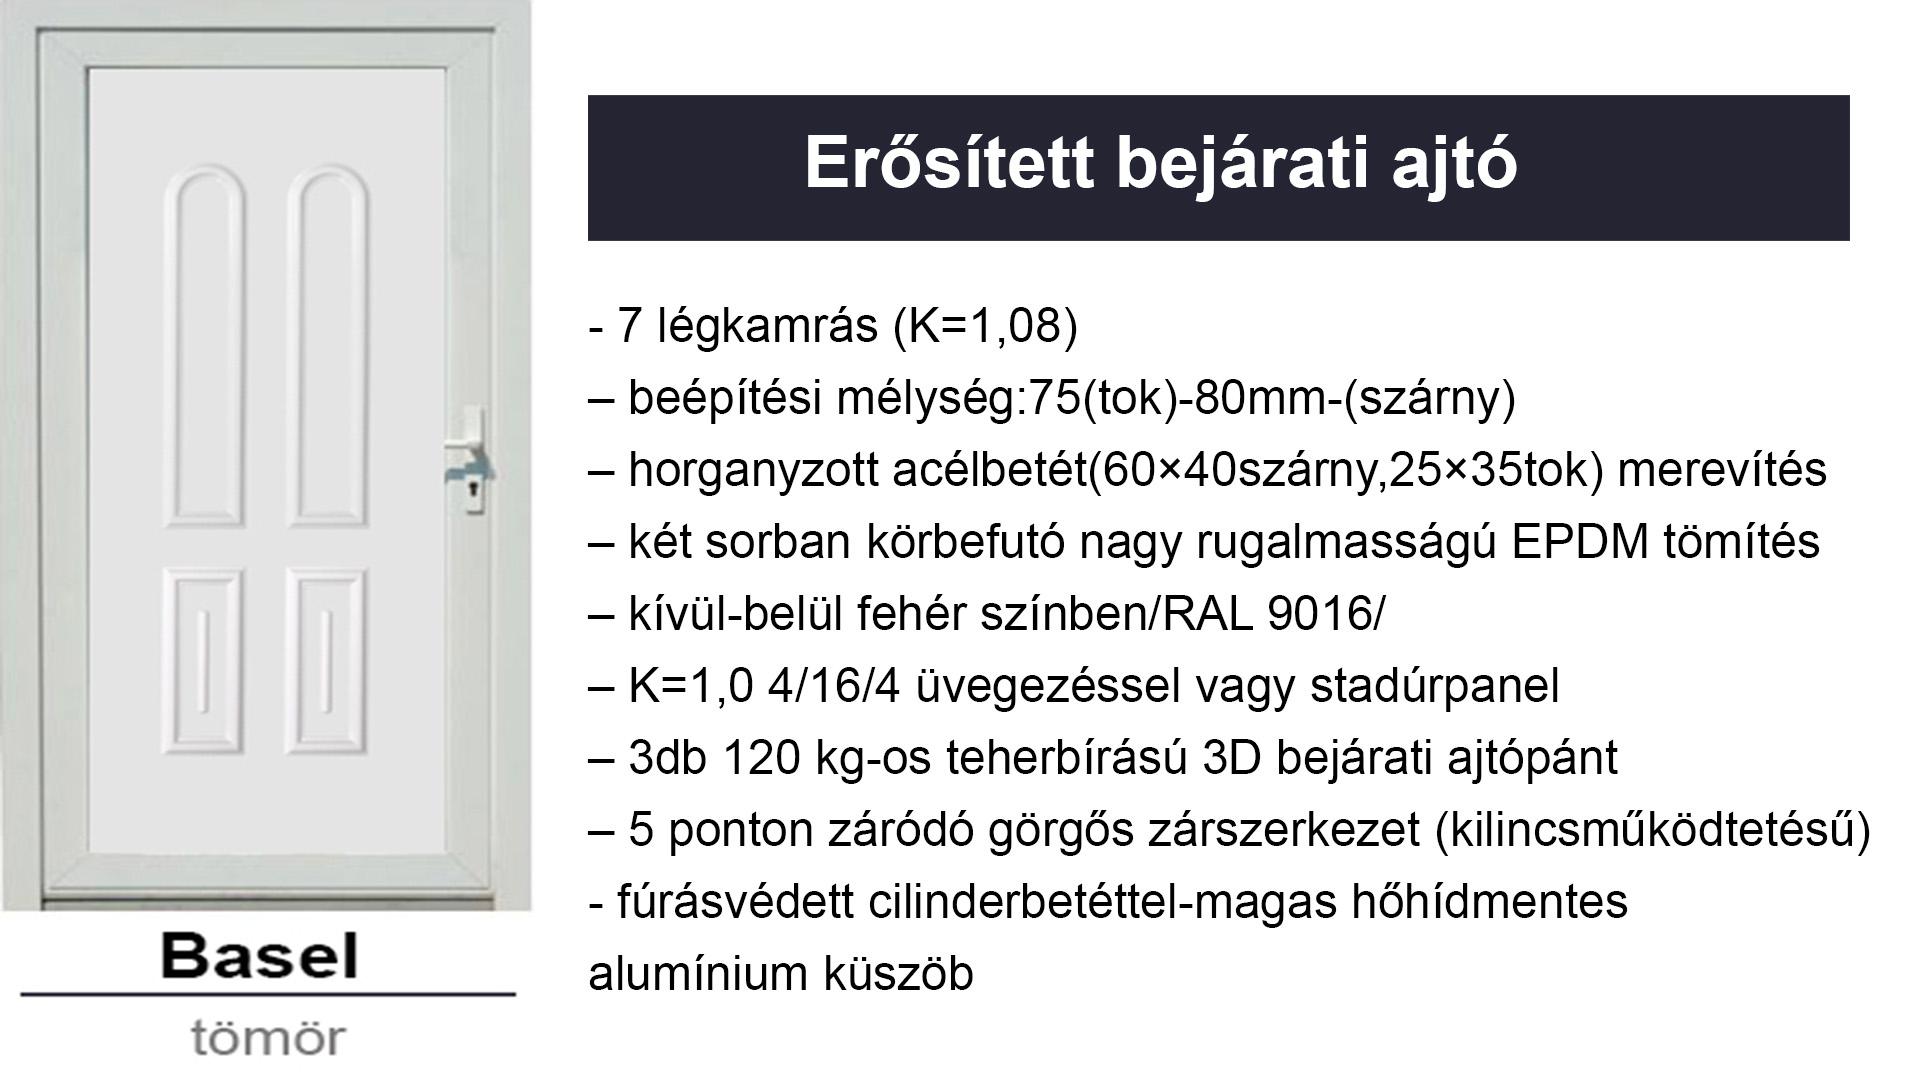 Műanyag erősített bejárati ajtó díszpanel - Basel